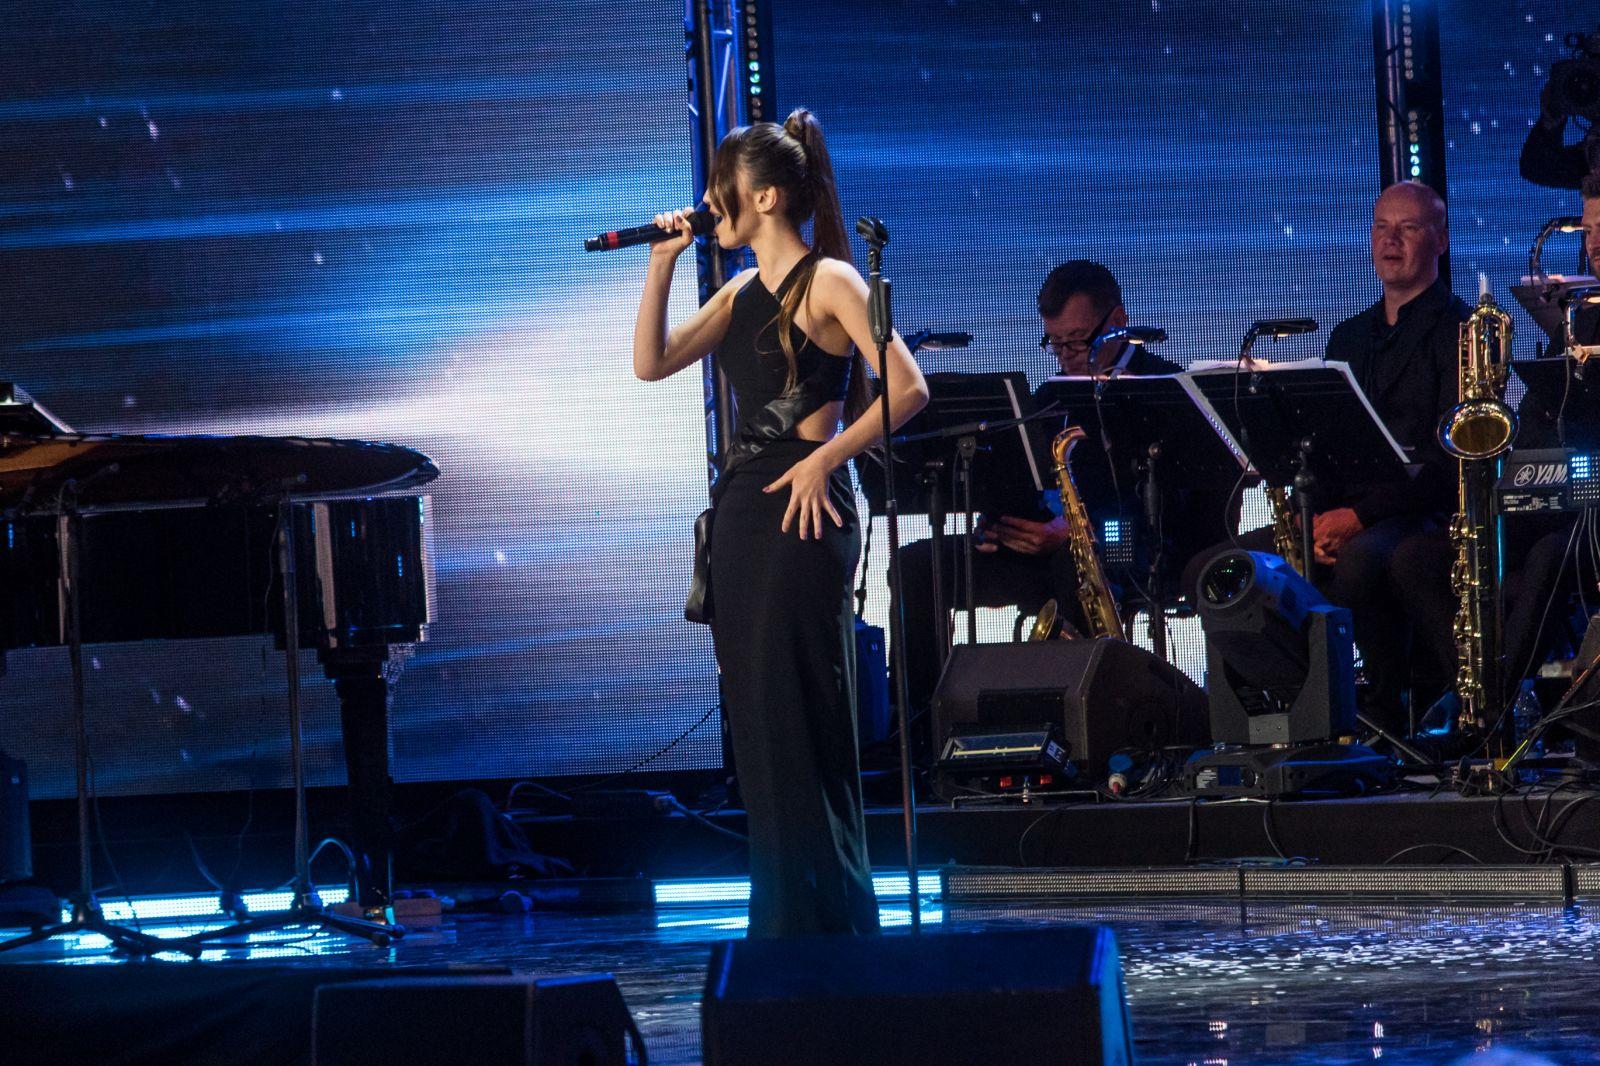 Украинская певица DiAna стала открытием фестиваля Лаймы Вайкуле в Юрмале